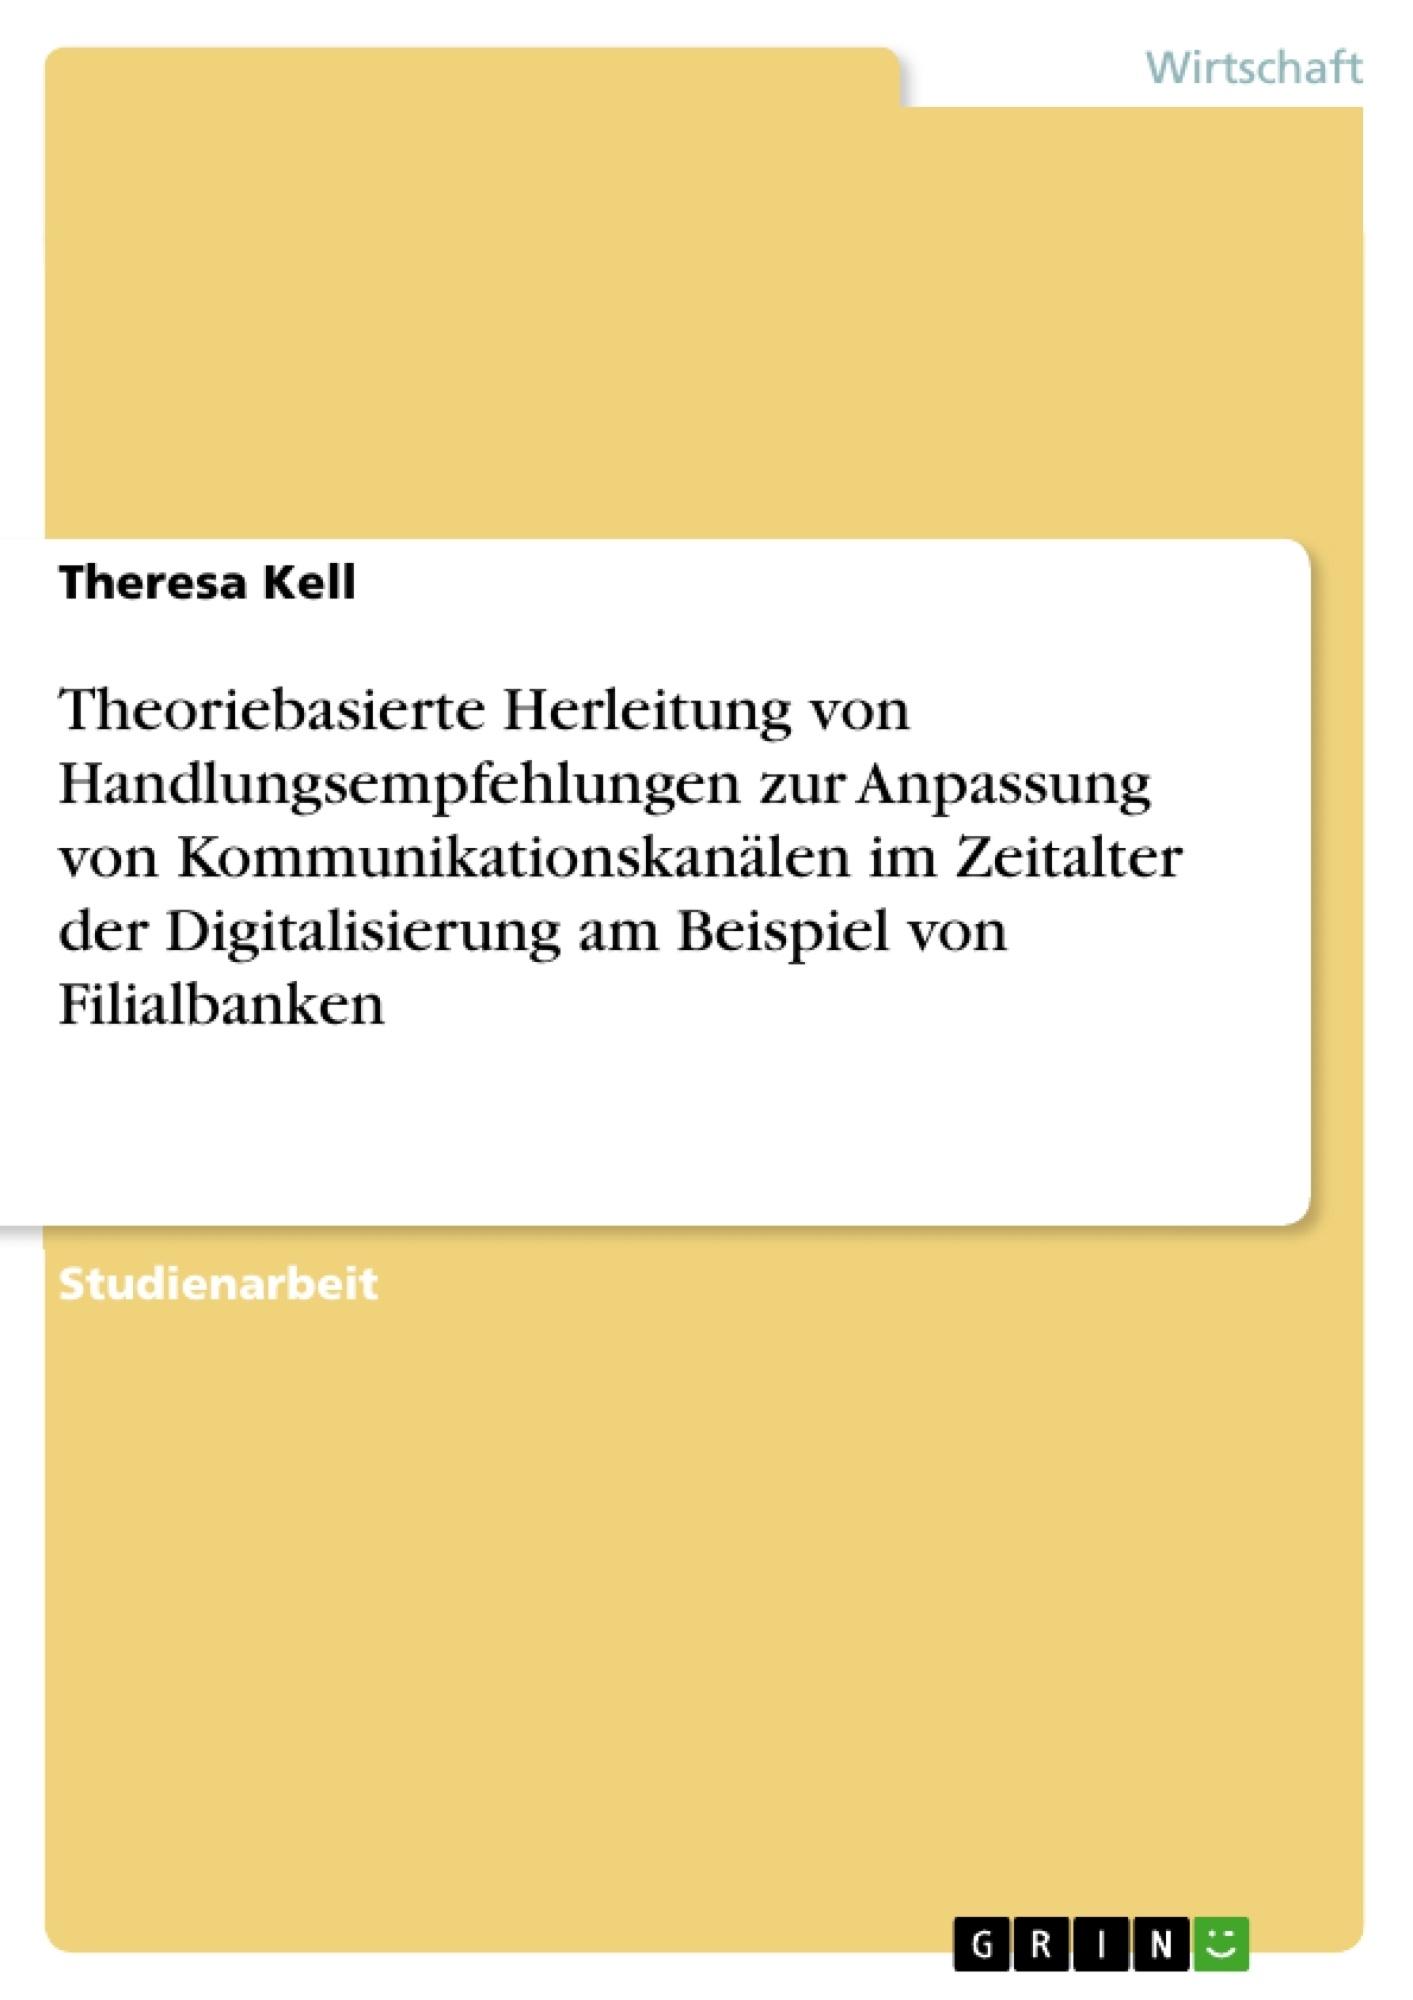 Titel: Theoriebasierte Herleitung von Handlungsempfehlungen zur Anpassung von Kommunikationskanälen im Zeitalter der Digitalisierung am Beispiel von Filialbanken